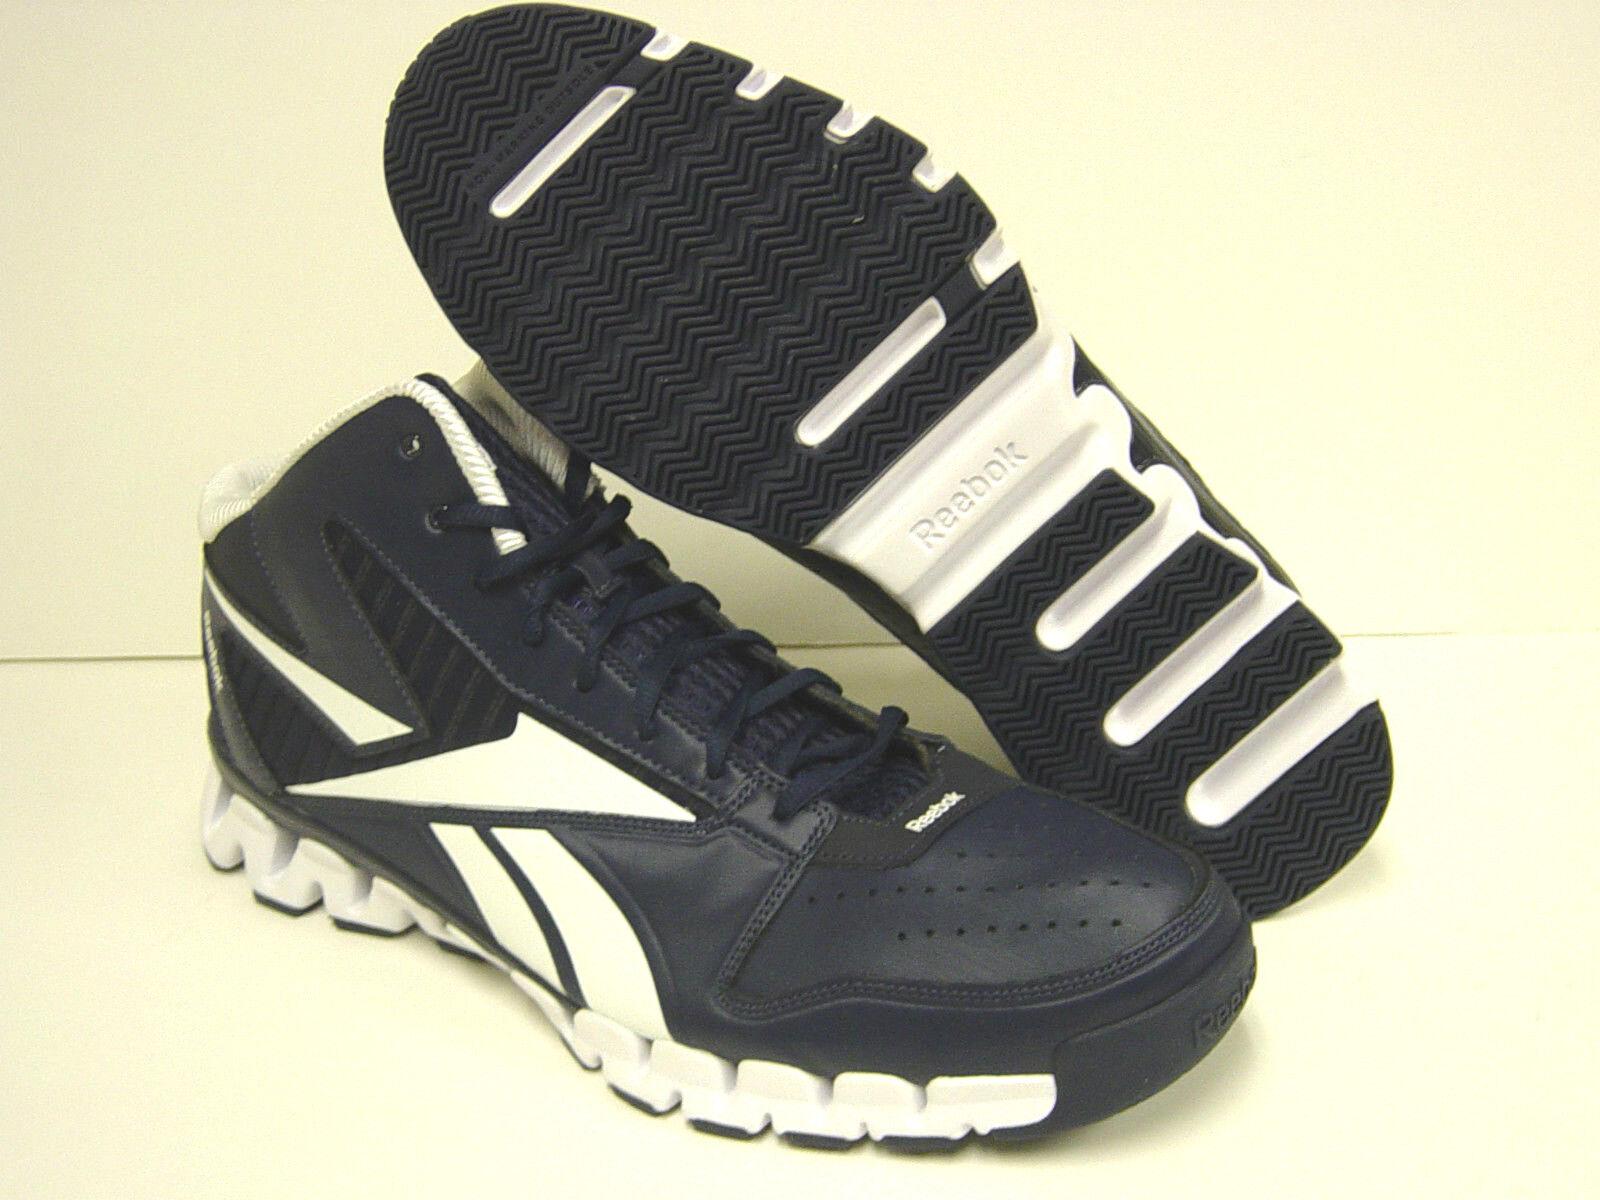 NEW Uomo REEBOK Zig Nano Pro Fury V45138 Navy Blue White SAMPLE  Shoes